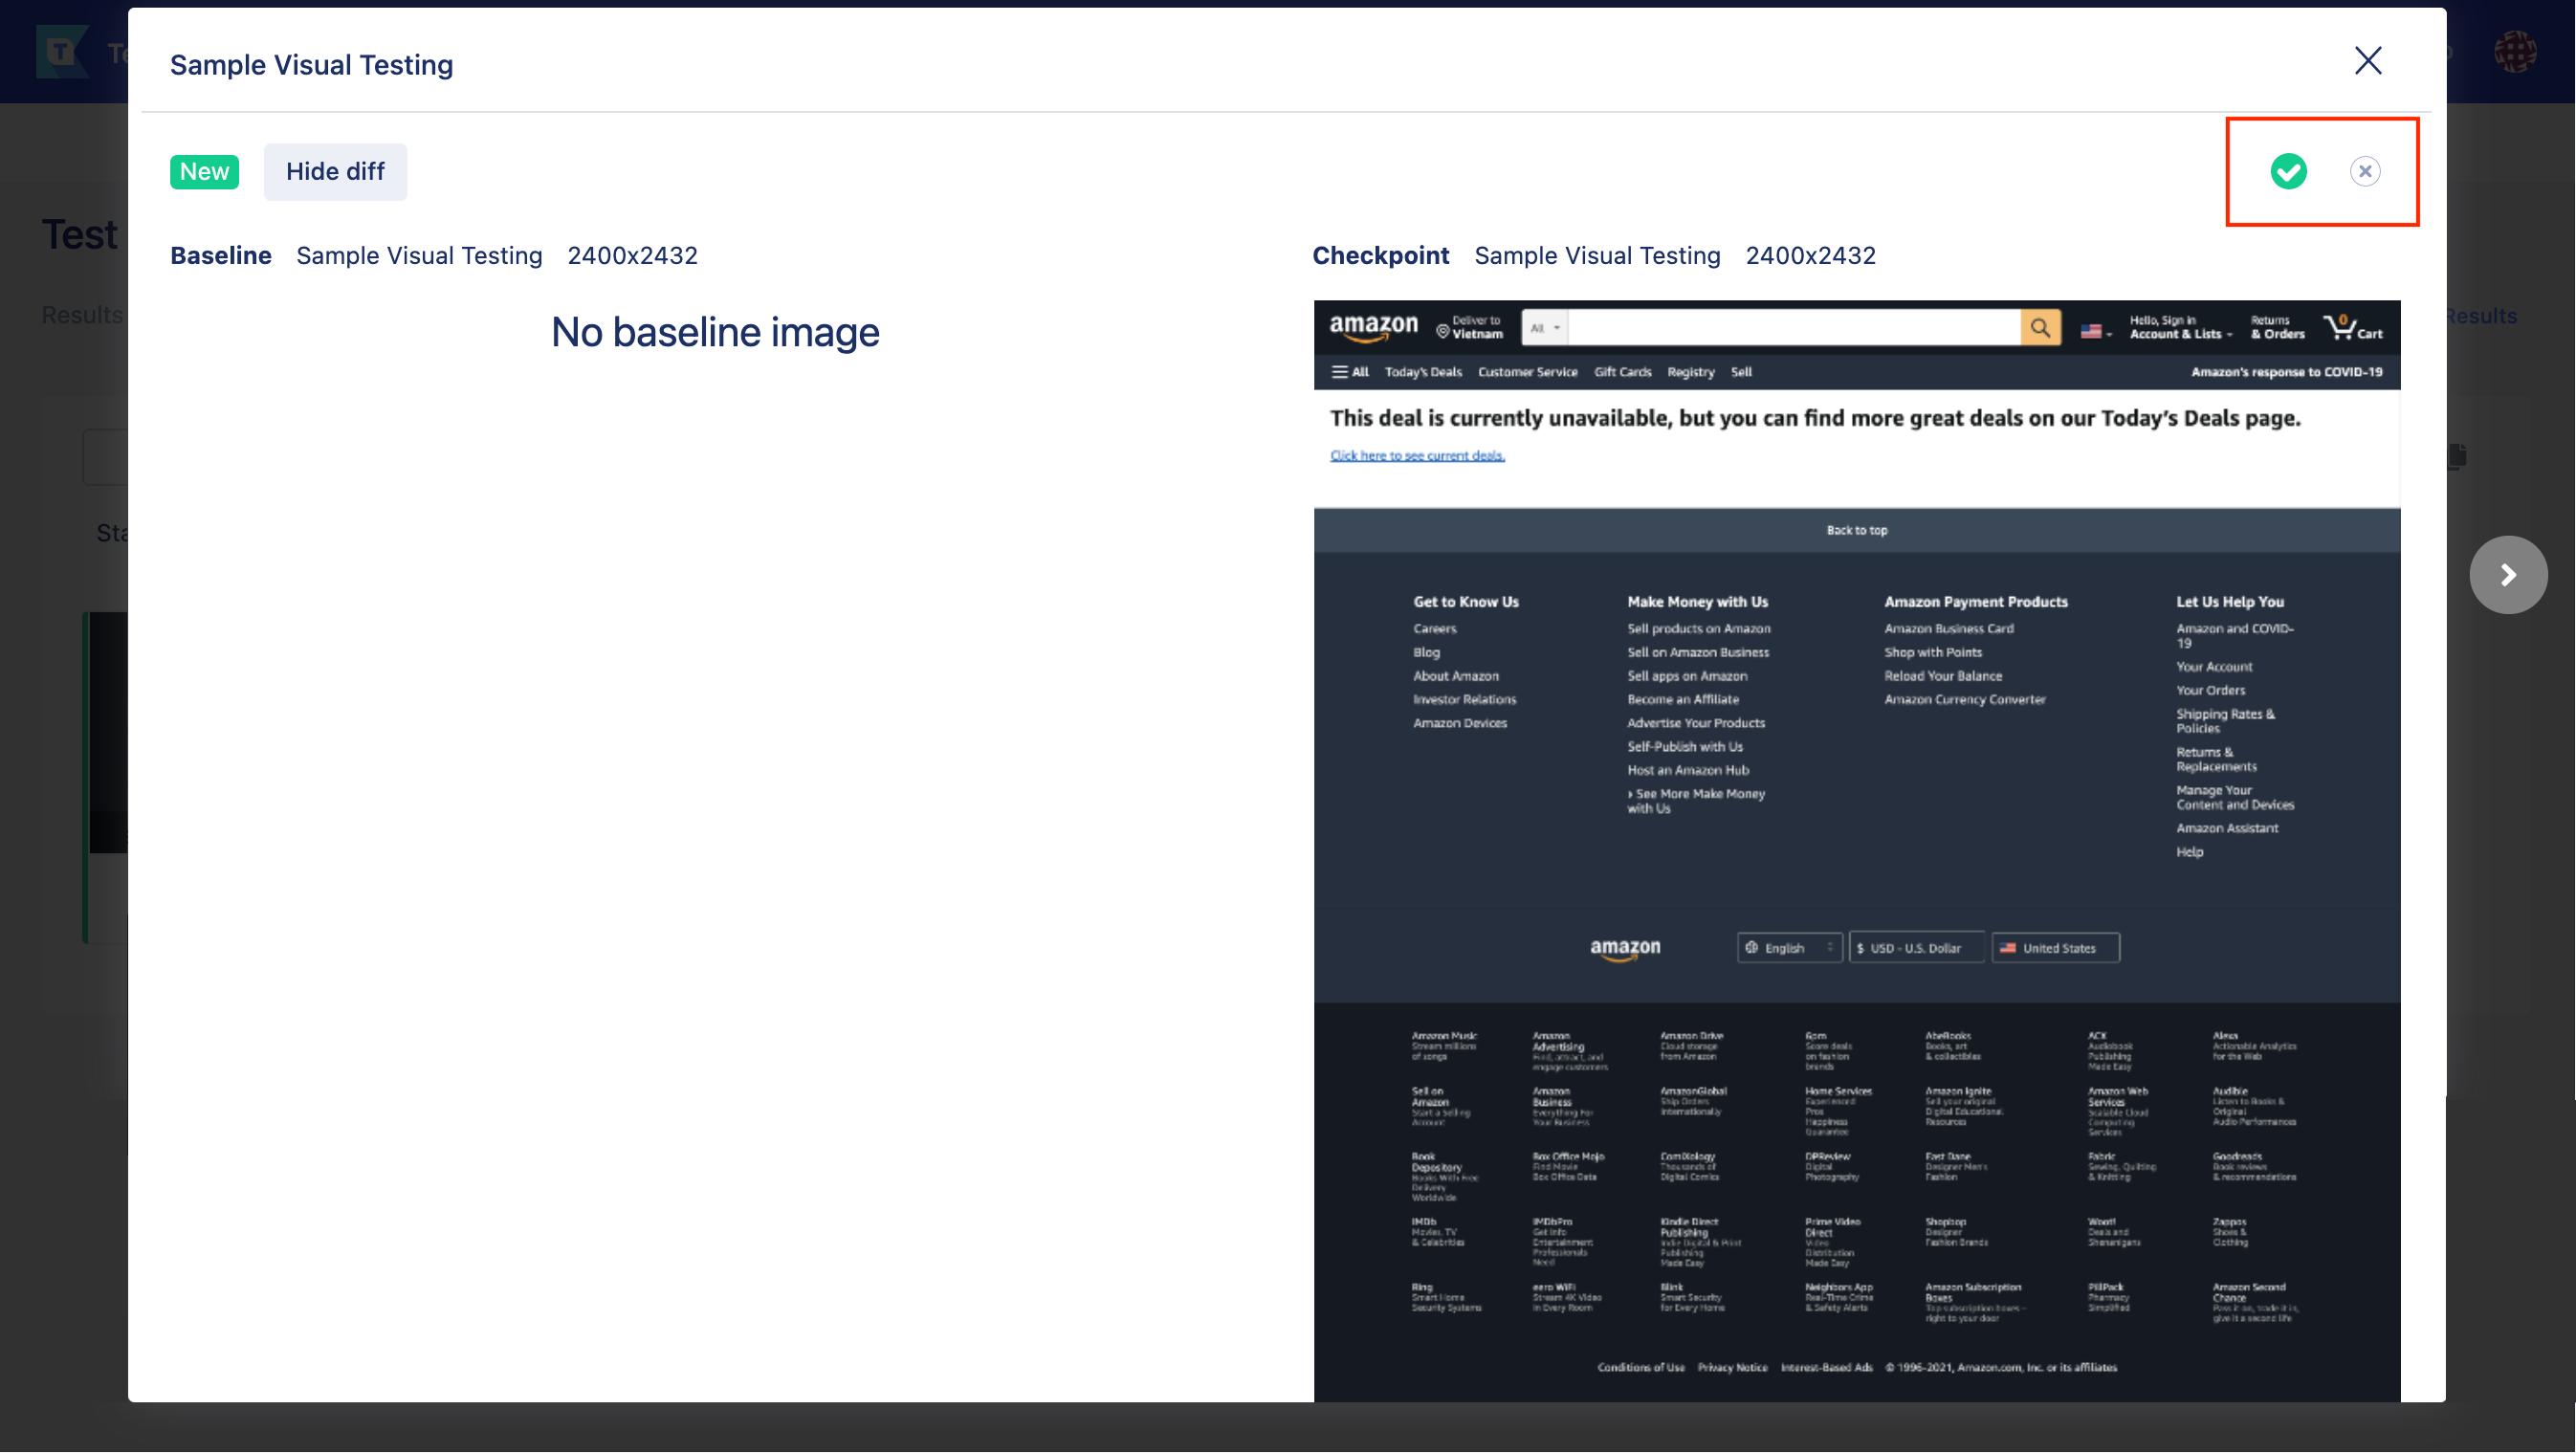 id1 sample visual testing image